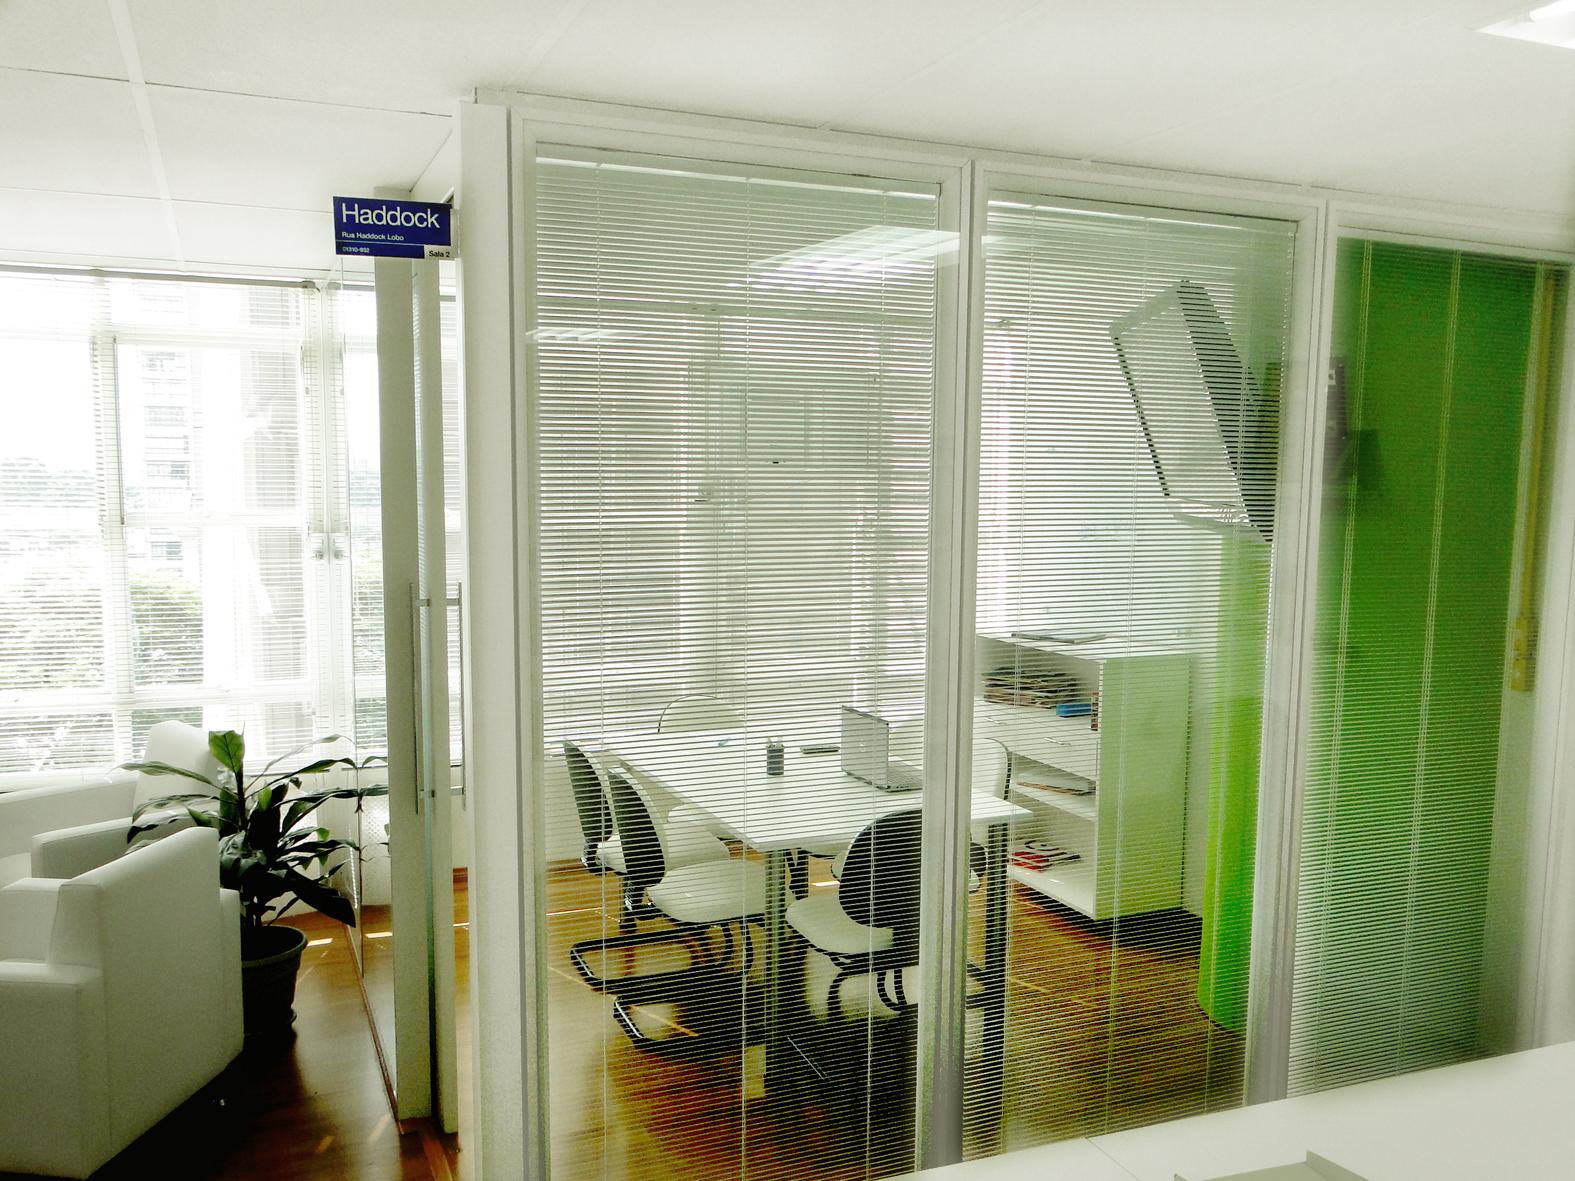 Link2u-Coworking- Meeting Room II(1)